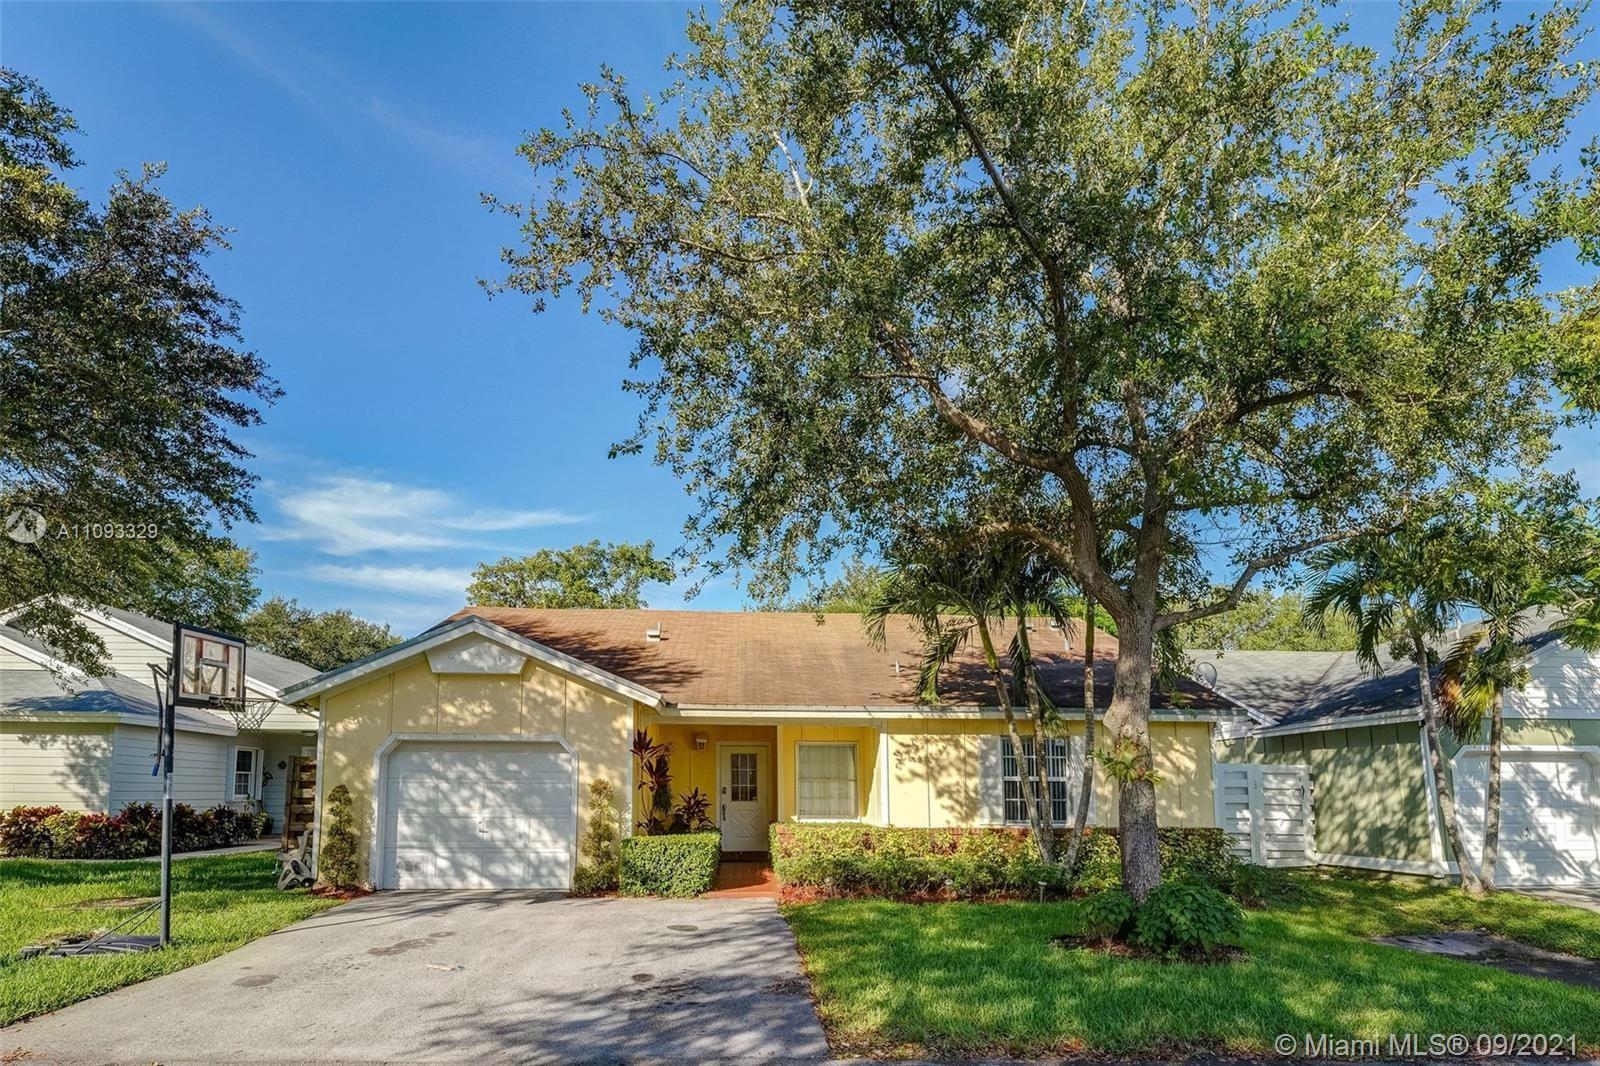 14812 SW 140th Ct, Miami, FL 33186 - #: A11093329